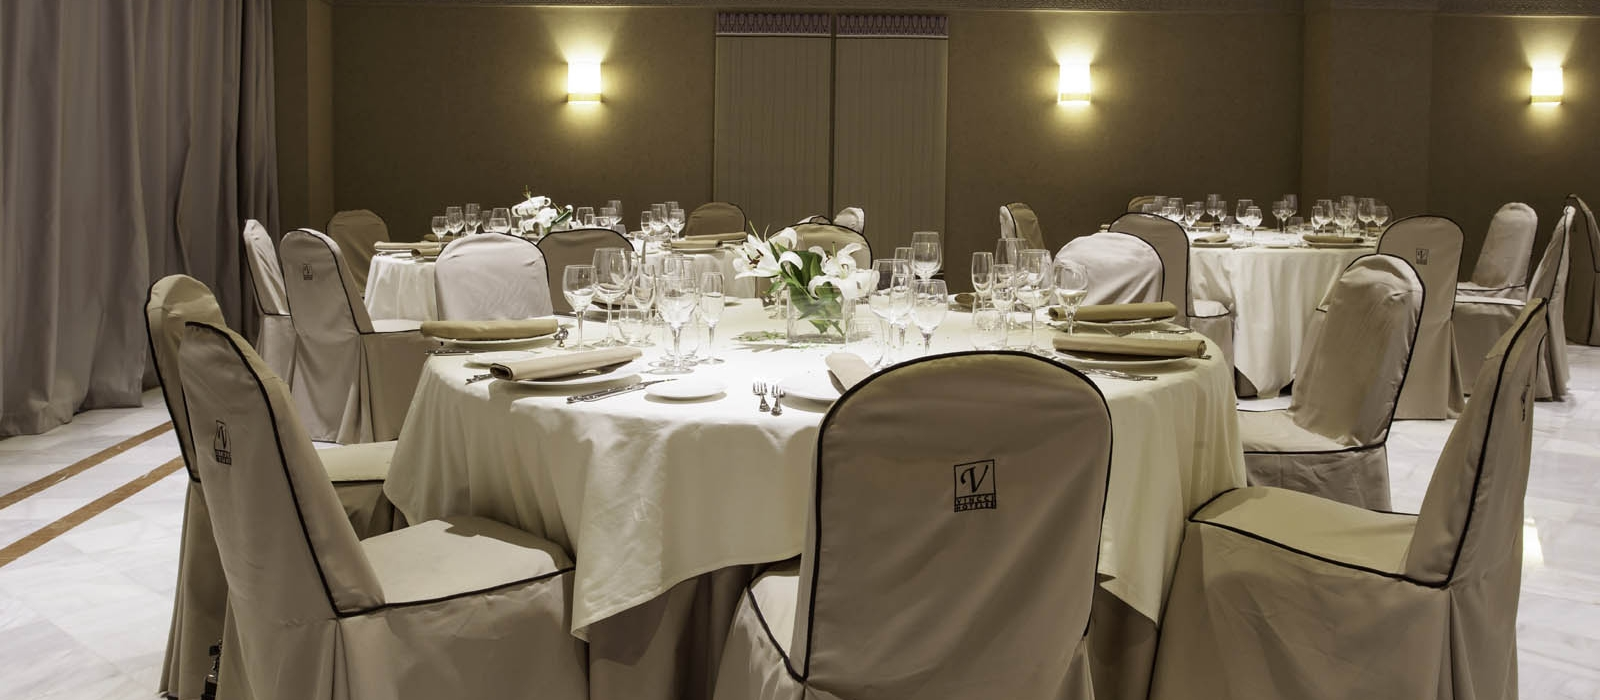 Saloni - Servizi Hotel Granada Albayzin - Vincci Hoteles